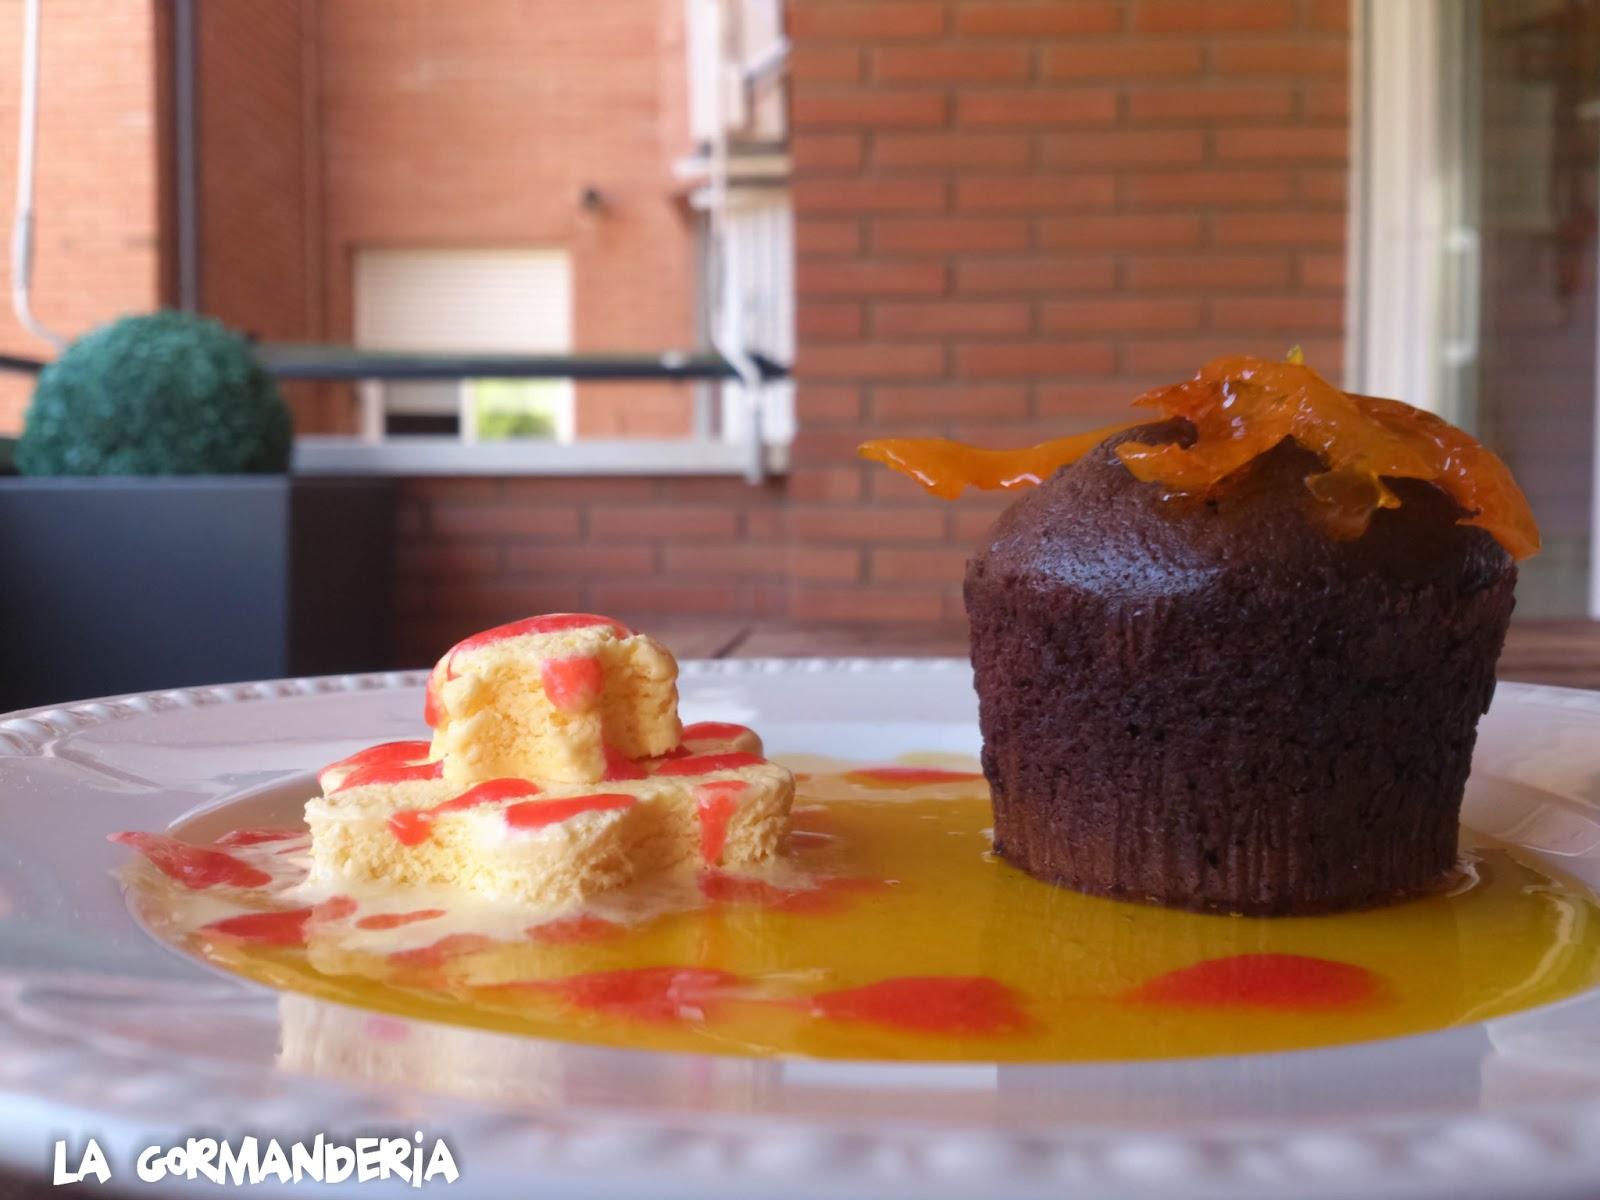 Coulant con coulis de naranja y fresas y helado de vainilla